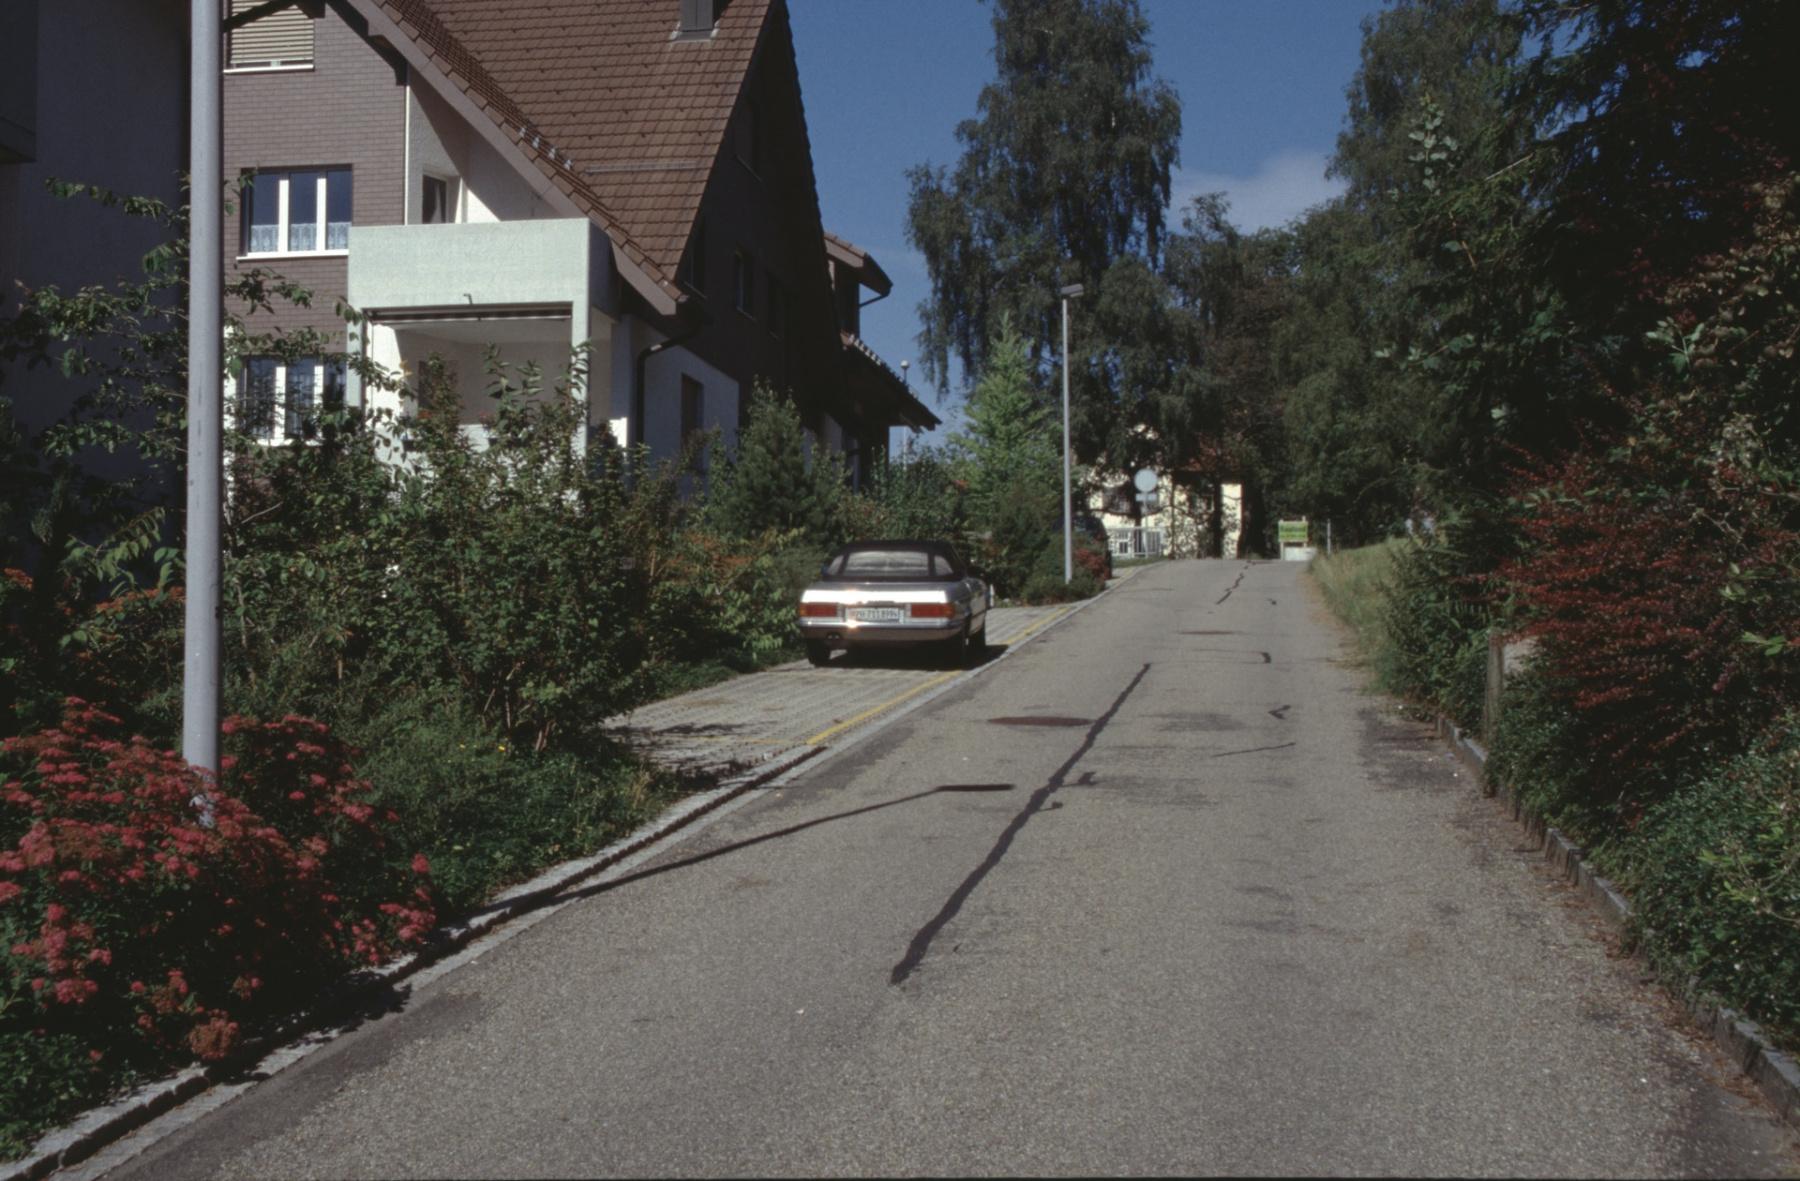 Mühlerainstr, Verbindung Mühle zur Bahnhofstr